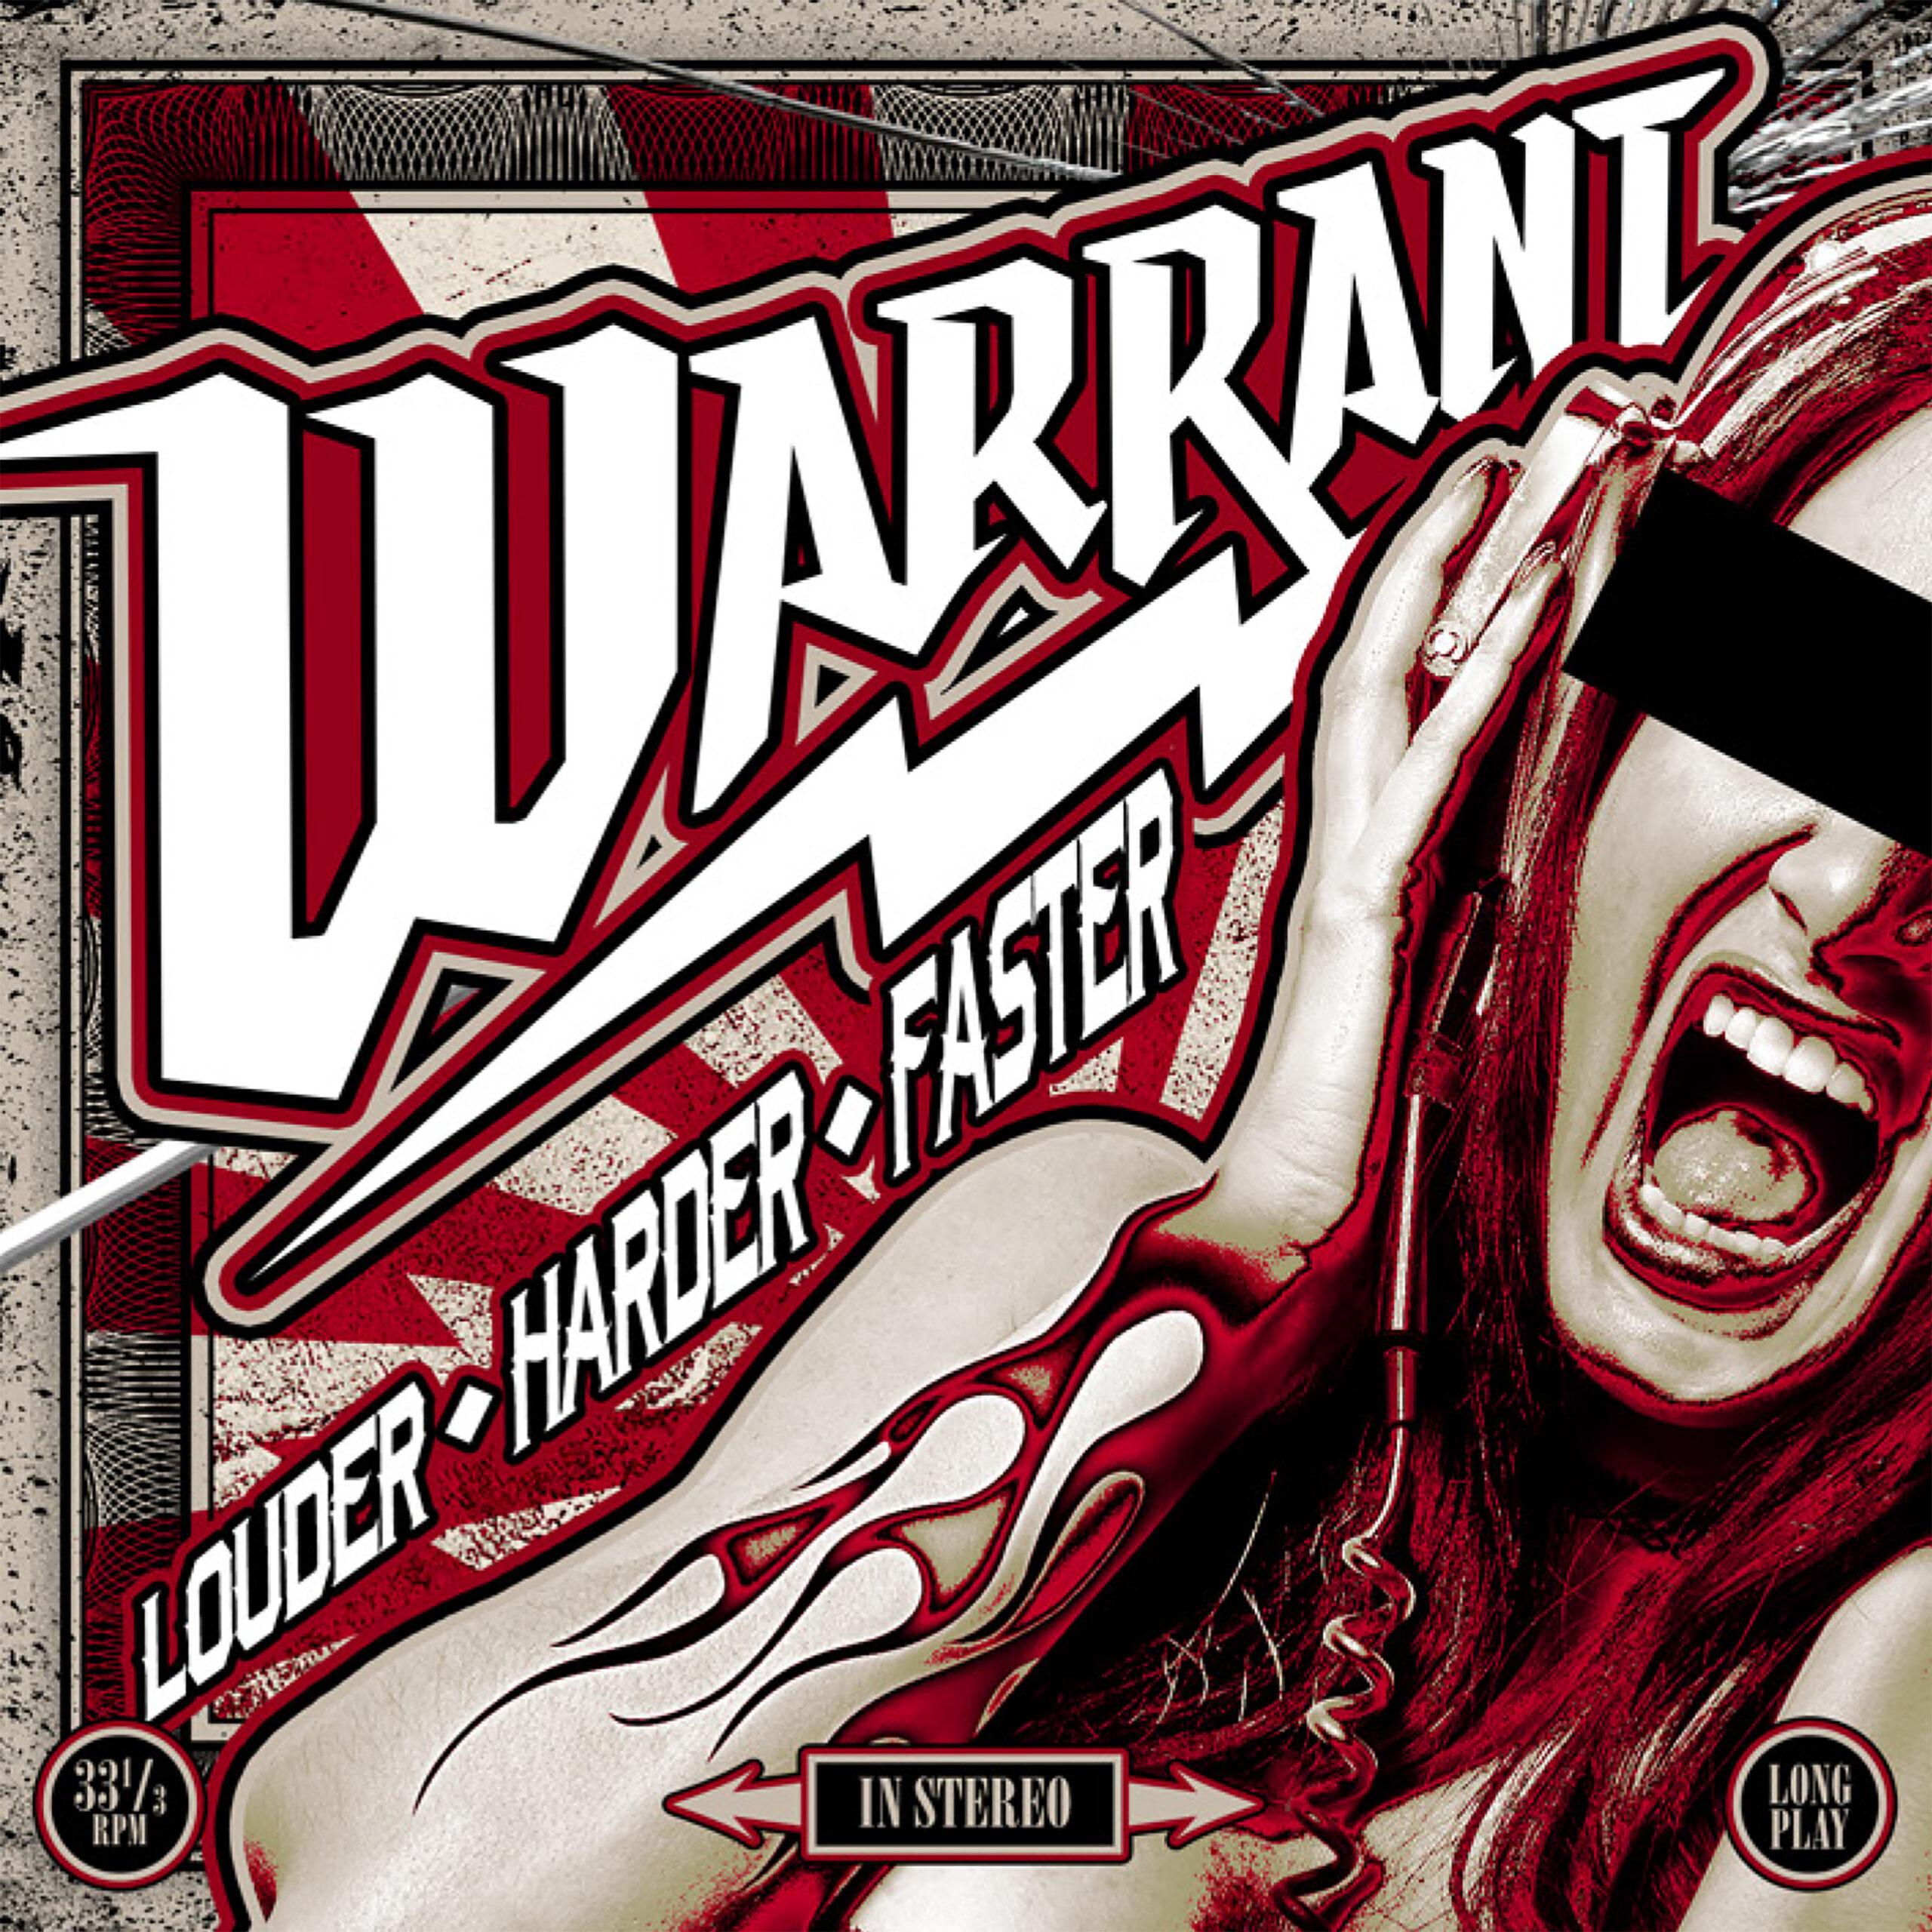 WARRANT lhf cover 3000